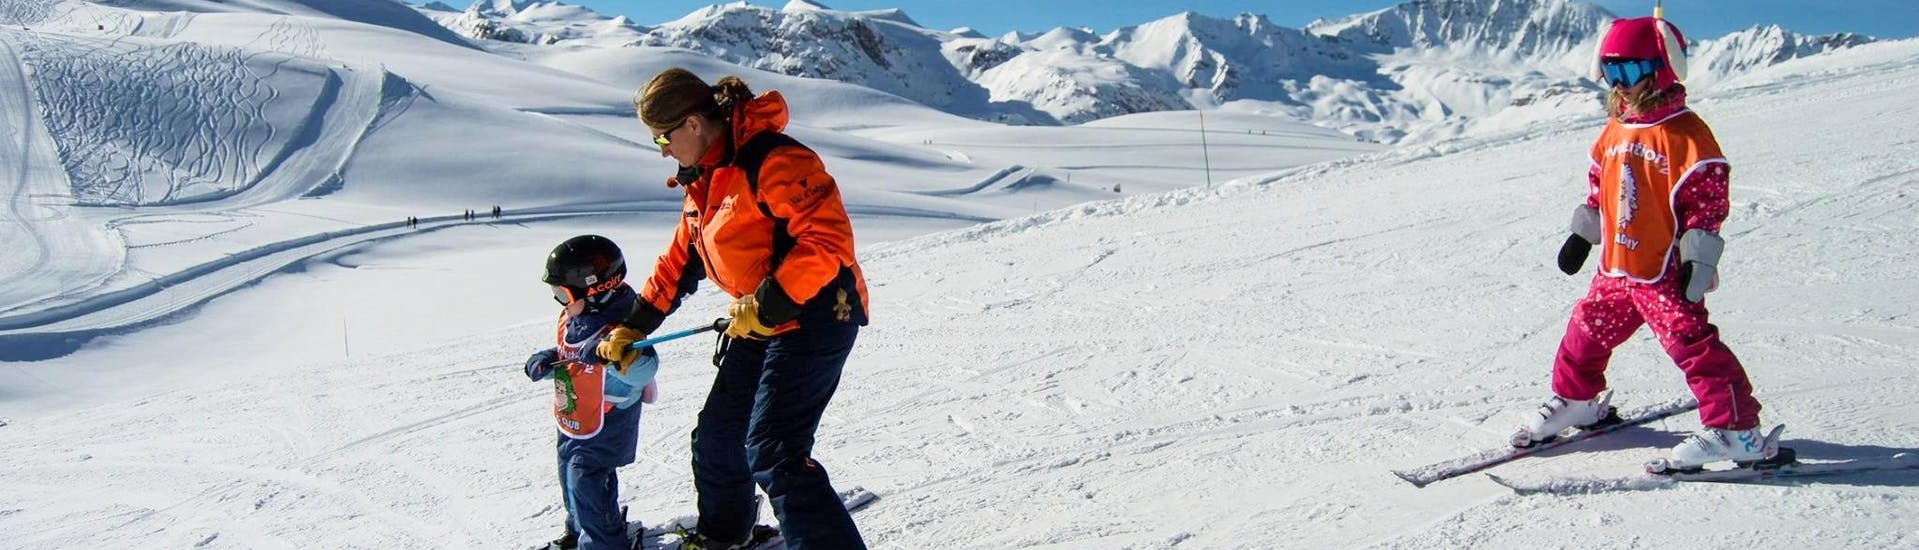 Des enfants apprennent à skier avec l'aide de leur moniteur de ski de l'école de ski Evolution 2 Val d'Isère pendant leur Cours de ski pour Enfants (3-5 ans) - Après-midi - Débutant.